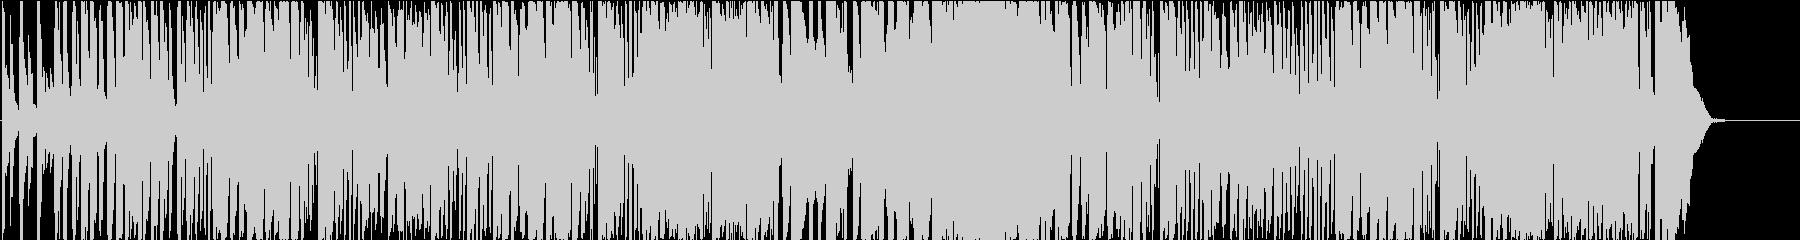 ほのぼの とぼけた子供小動物向けBGM の未再生の波形